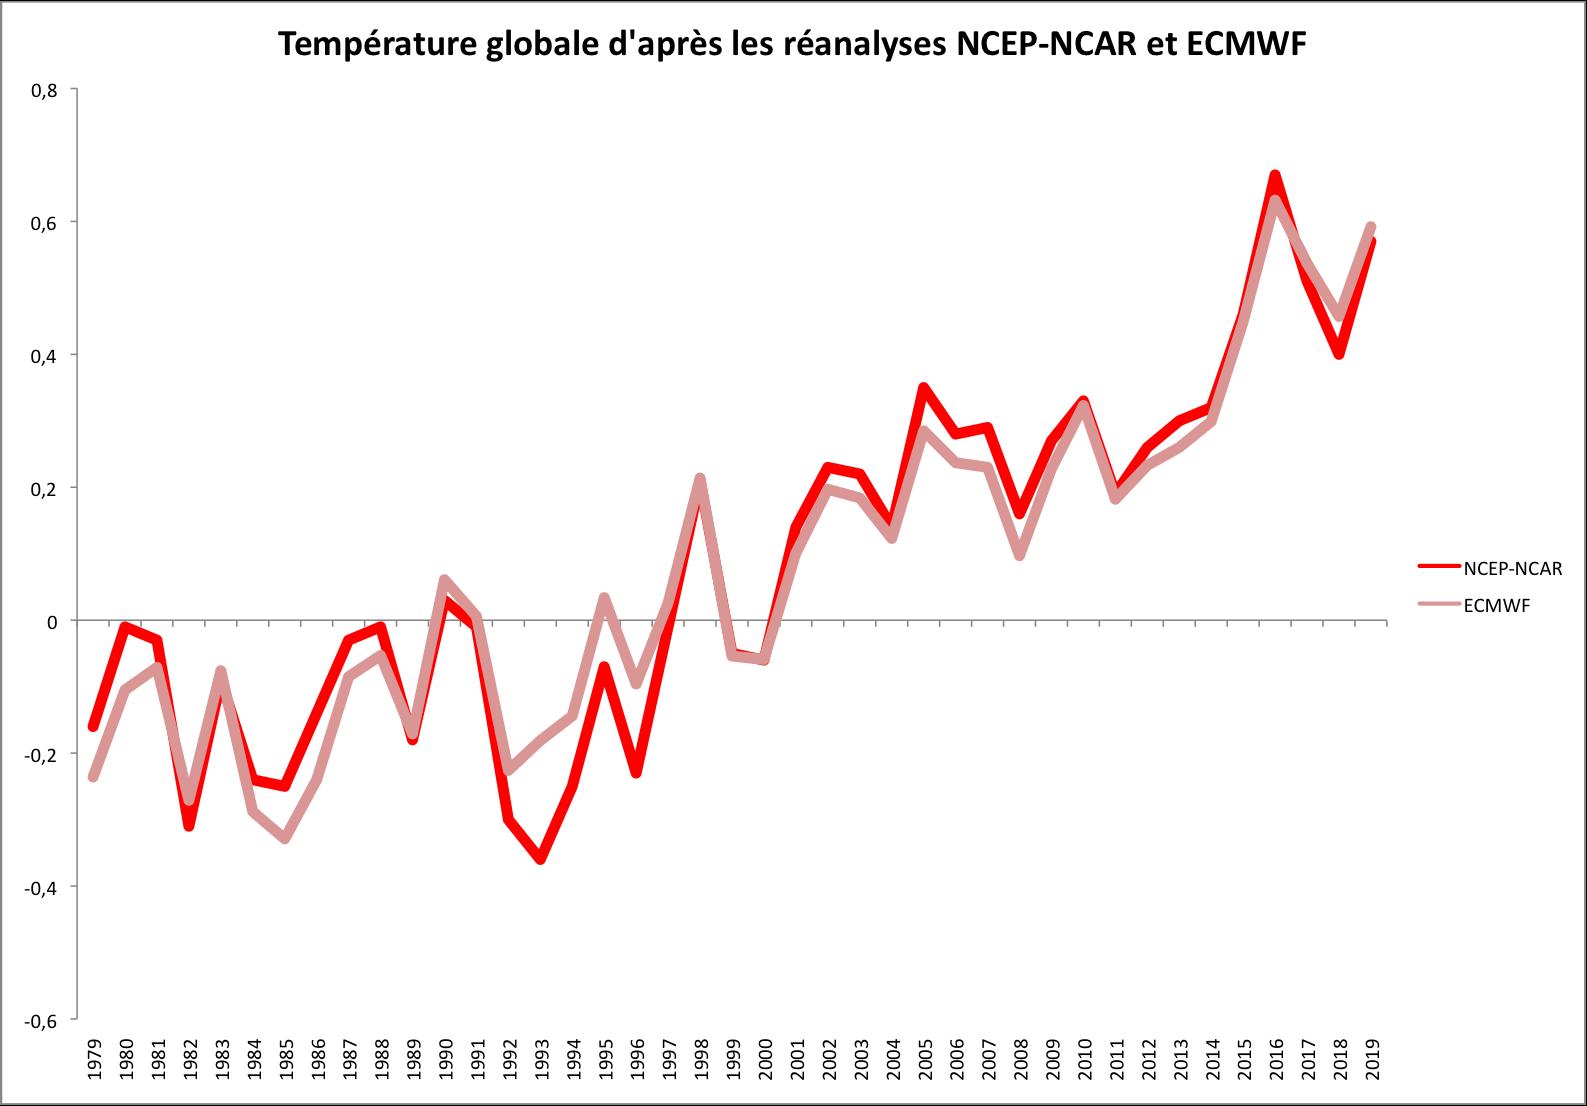 Les premiers bilans de température globale pour 2019